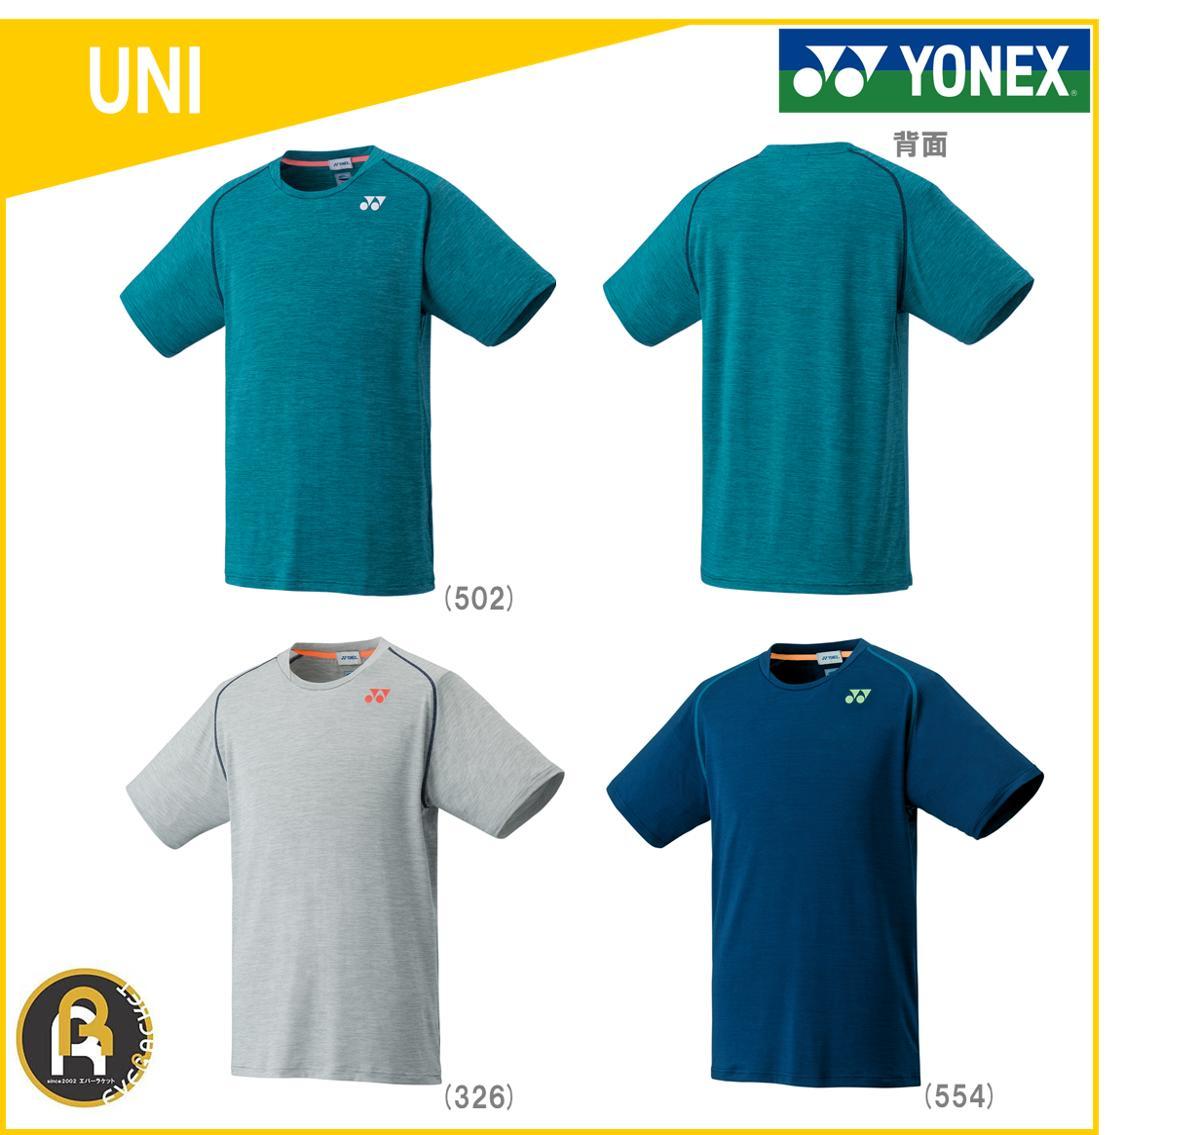 【お買い得商品】ヨネックス YONEX バドミントン ソフトテニス ベリークール Tシャツ メルティニット フィットスタイル ウェア UNI ユニ 16339